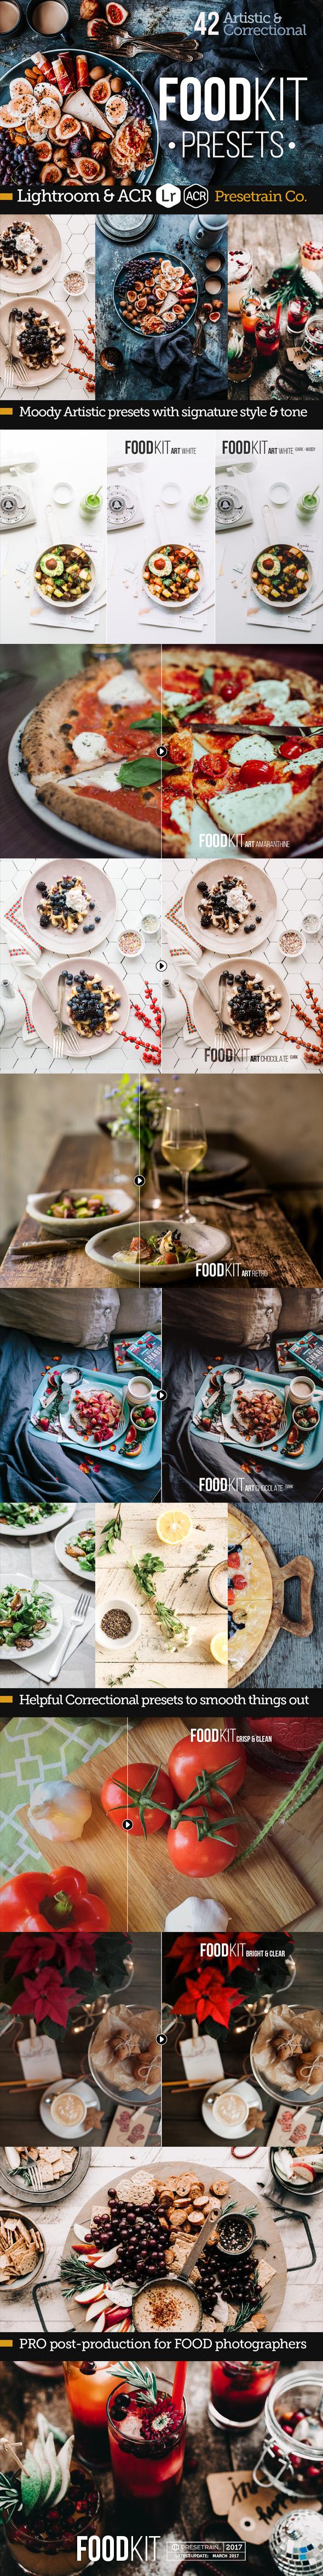 FoodKit - 42 Food Presets for Lightroom & ACR - Lightroom Presets Add-ons